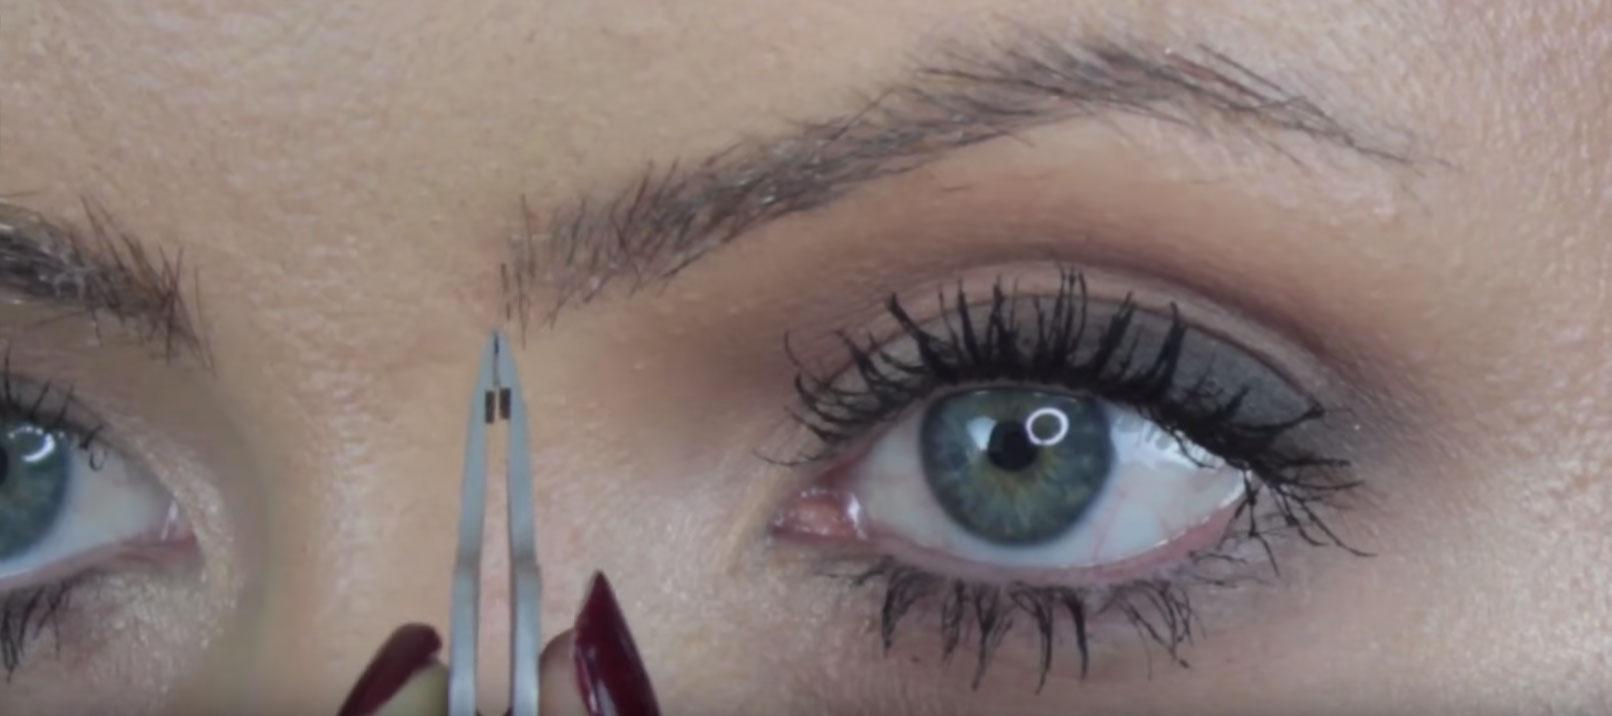 hur man får tjockare ögonbryn